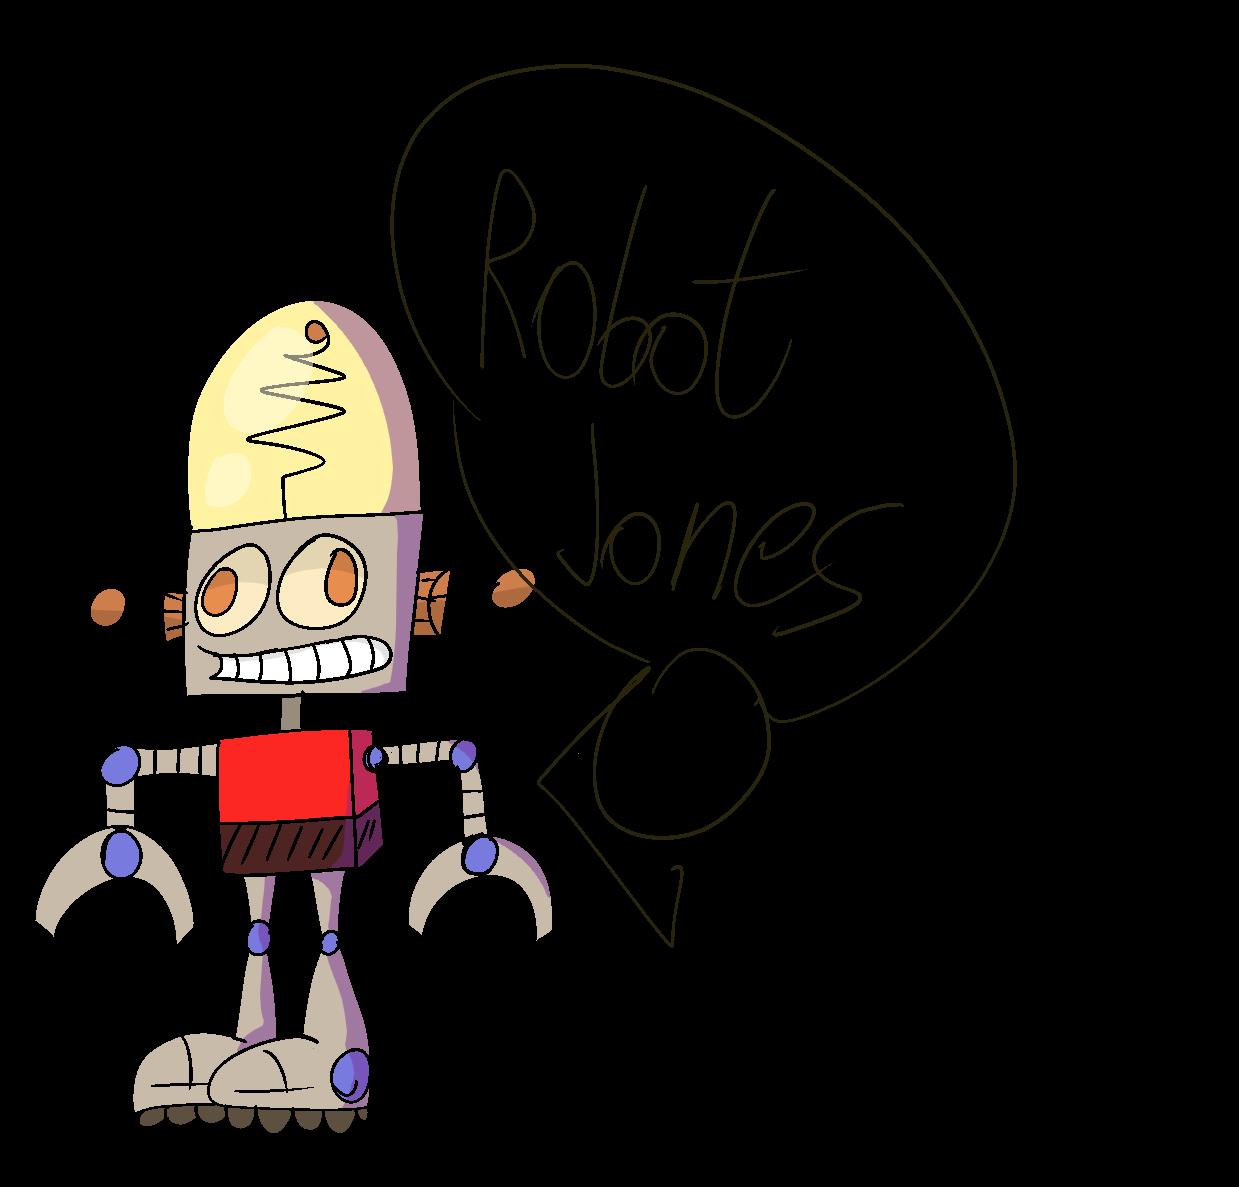 Robot Jones